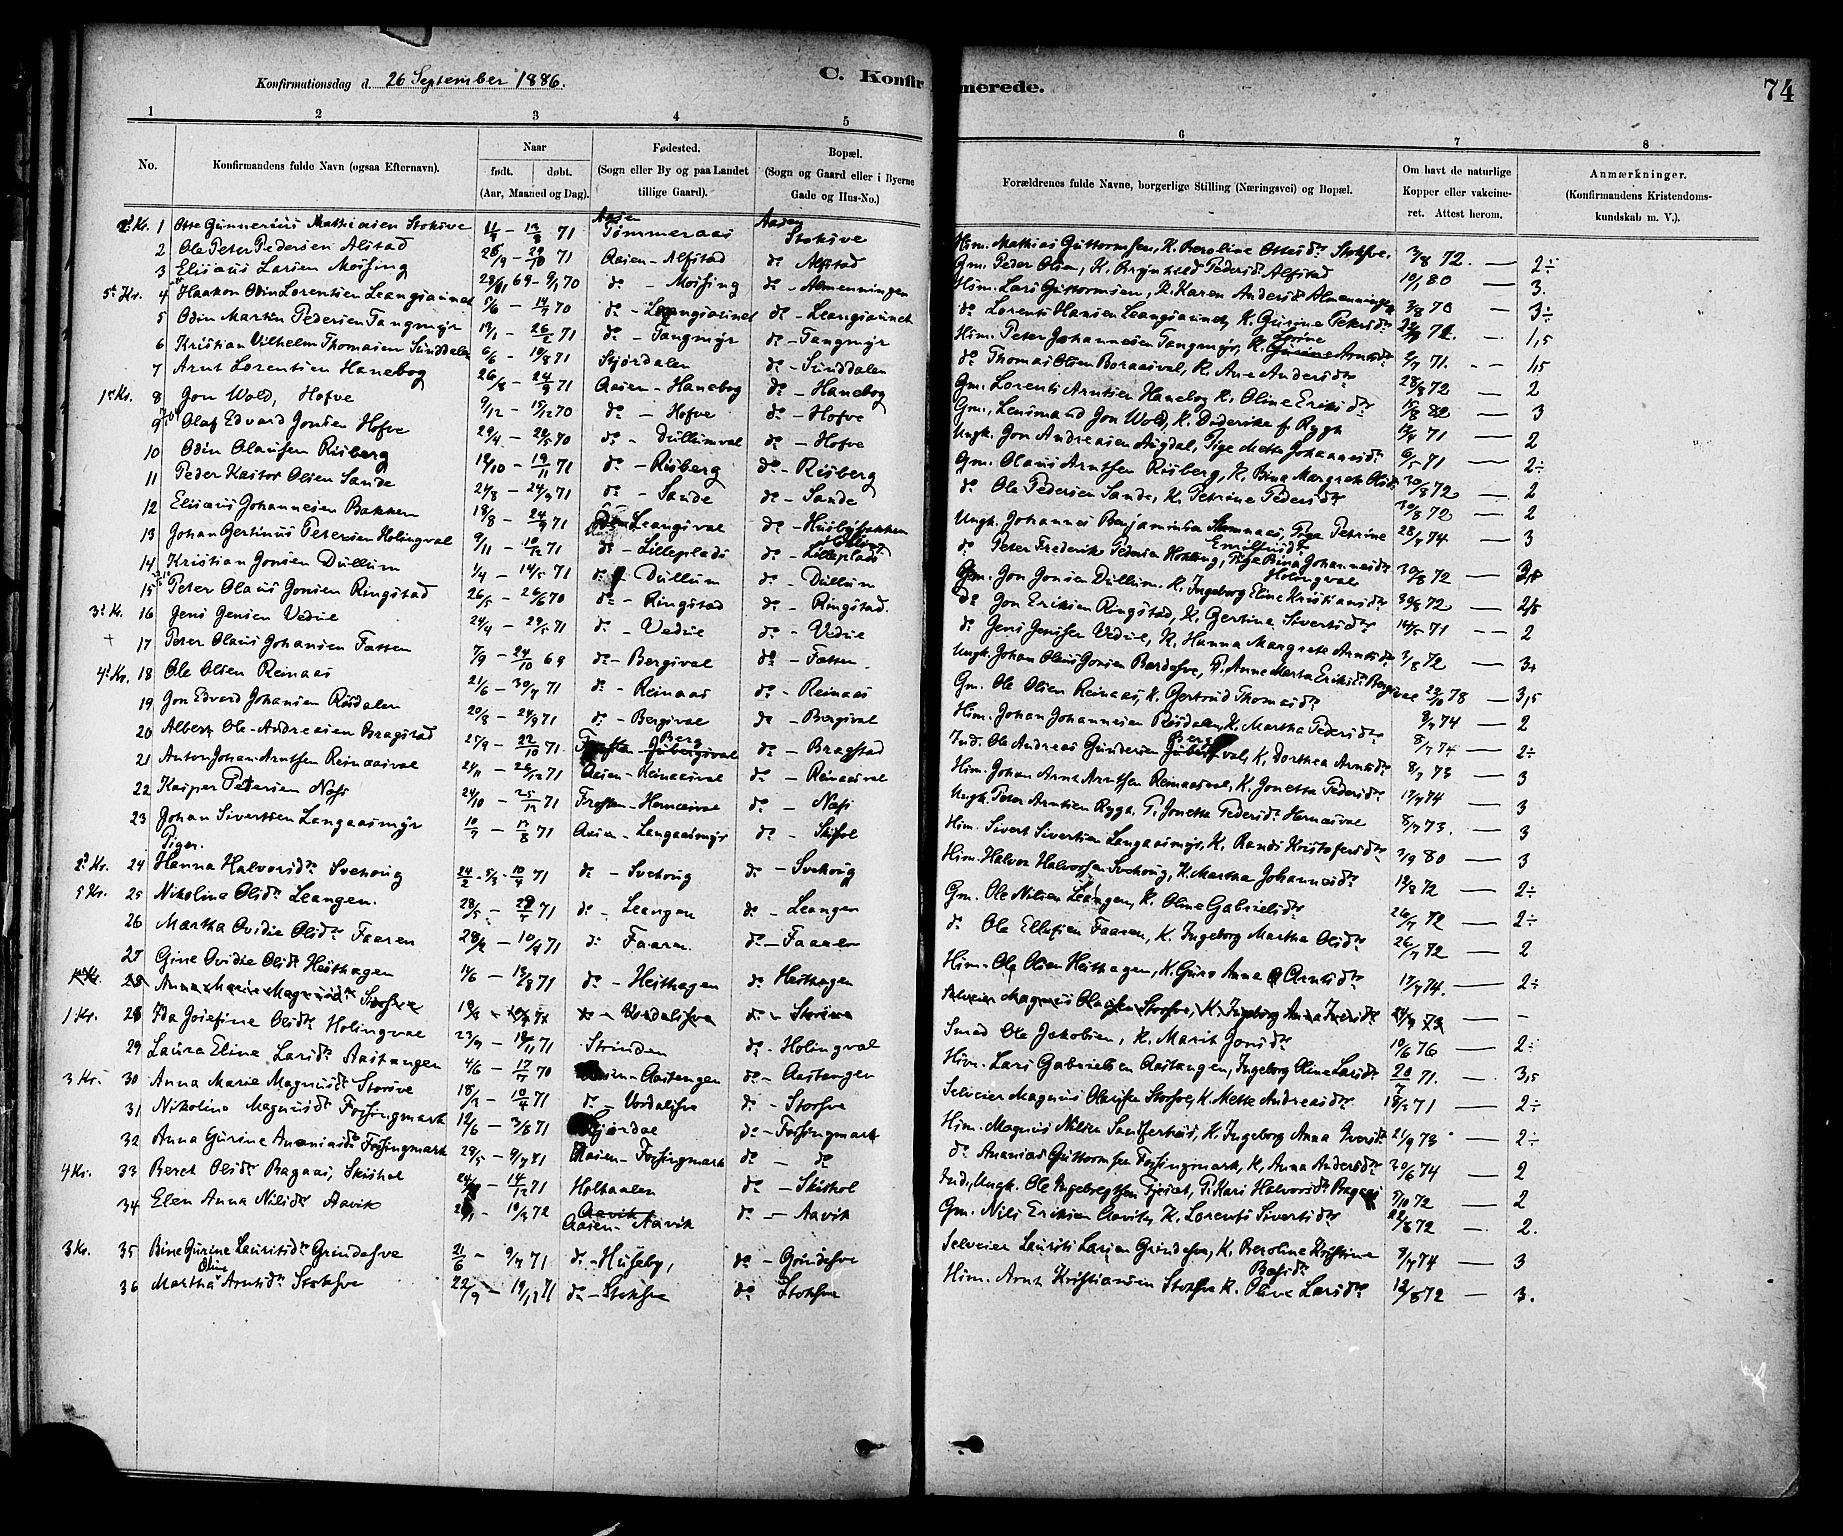 SAT, Ministerialprotokoller, klokkerbøker og fødselsregistre - Nord-Trøndelag, 714/L0130: Ministerialbok nr. 714A01, 1878-1895, s. 74